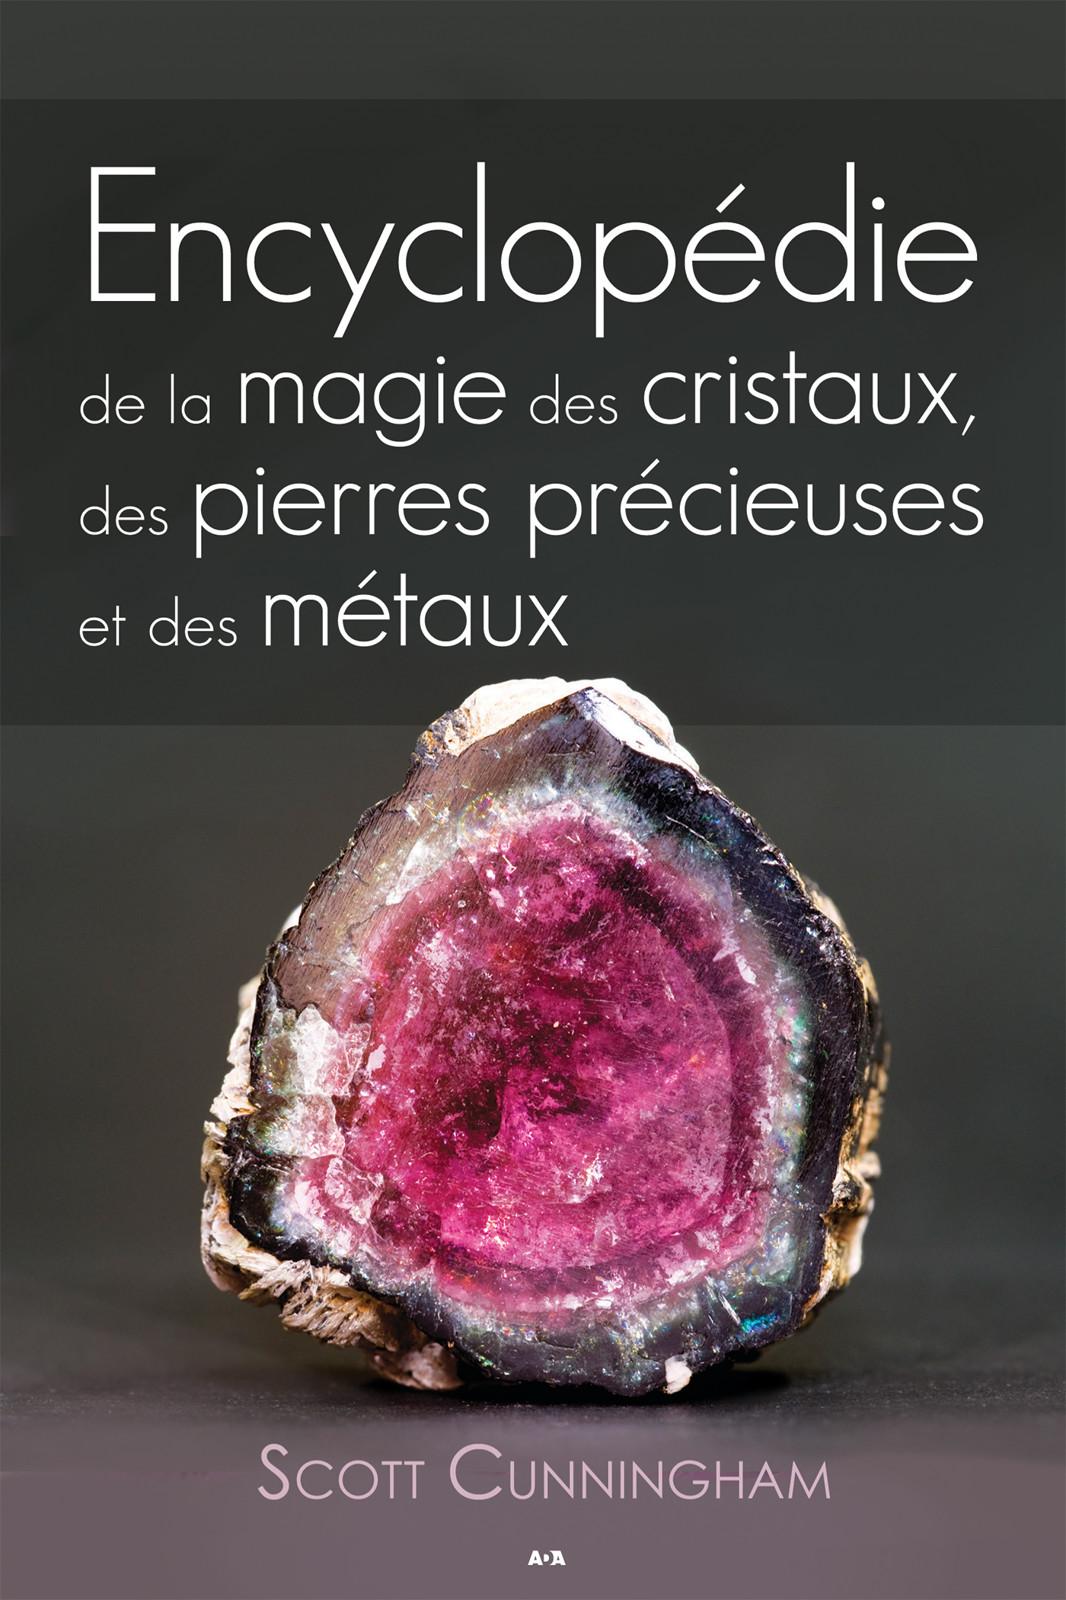 Encyclopédie de la magie des cristaux, des pierres précieuses et des métaux